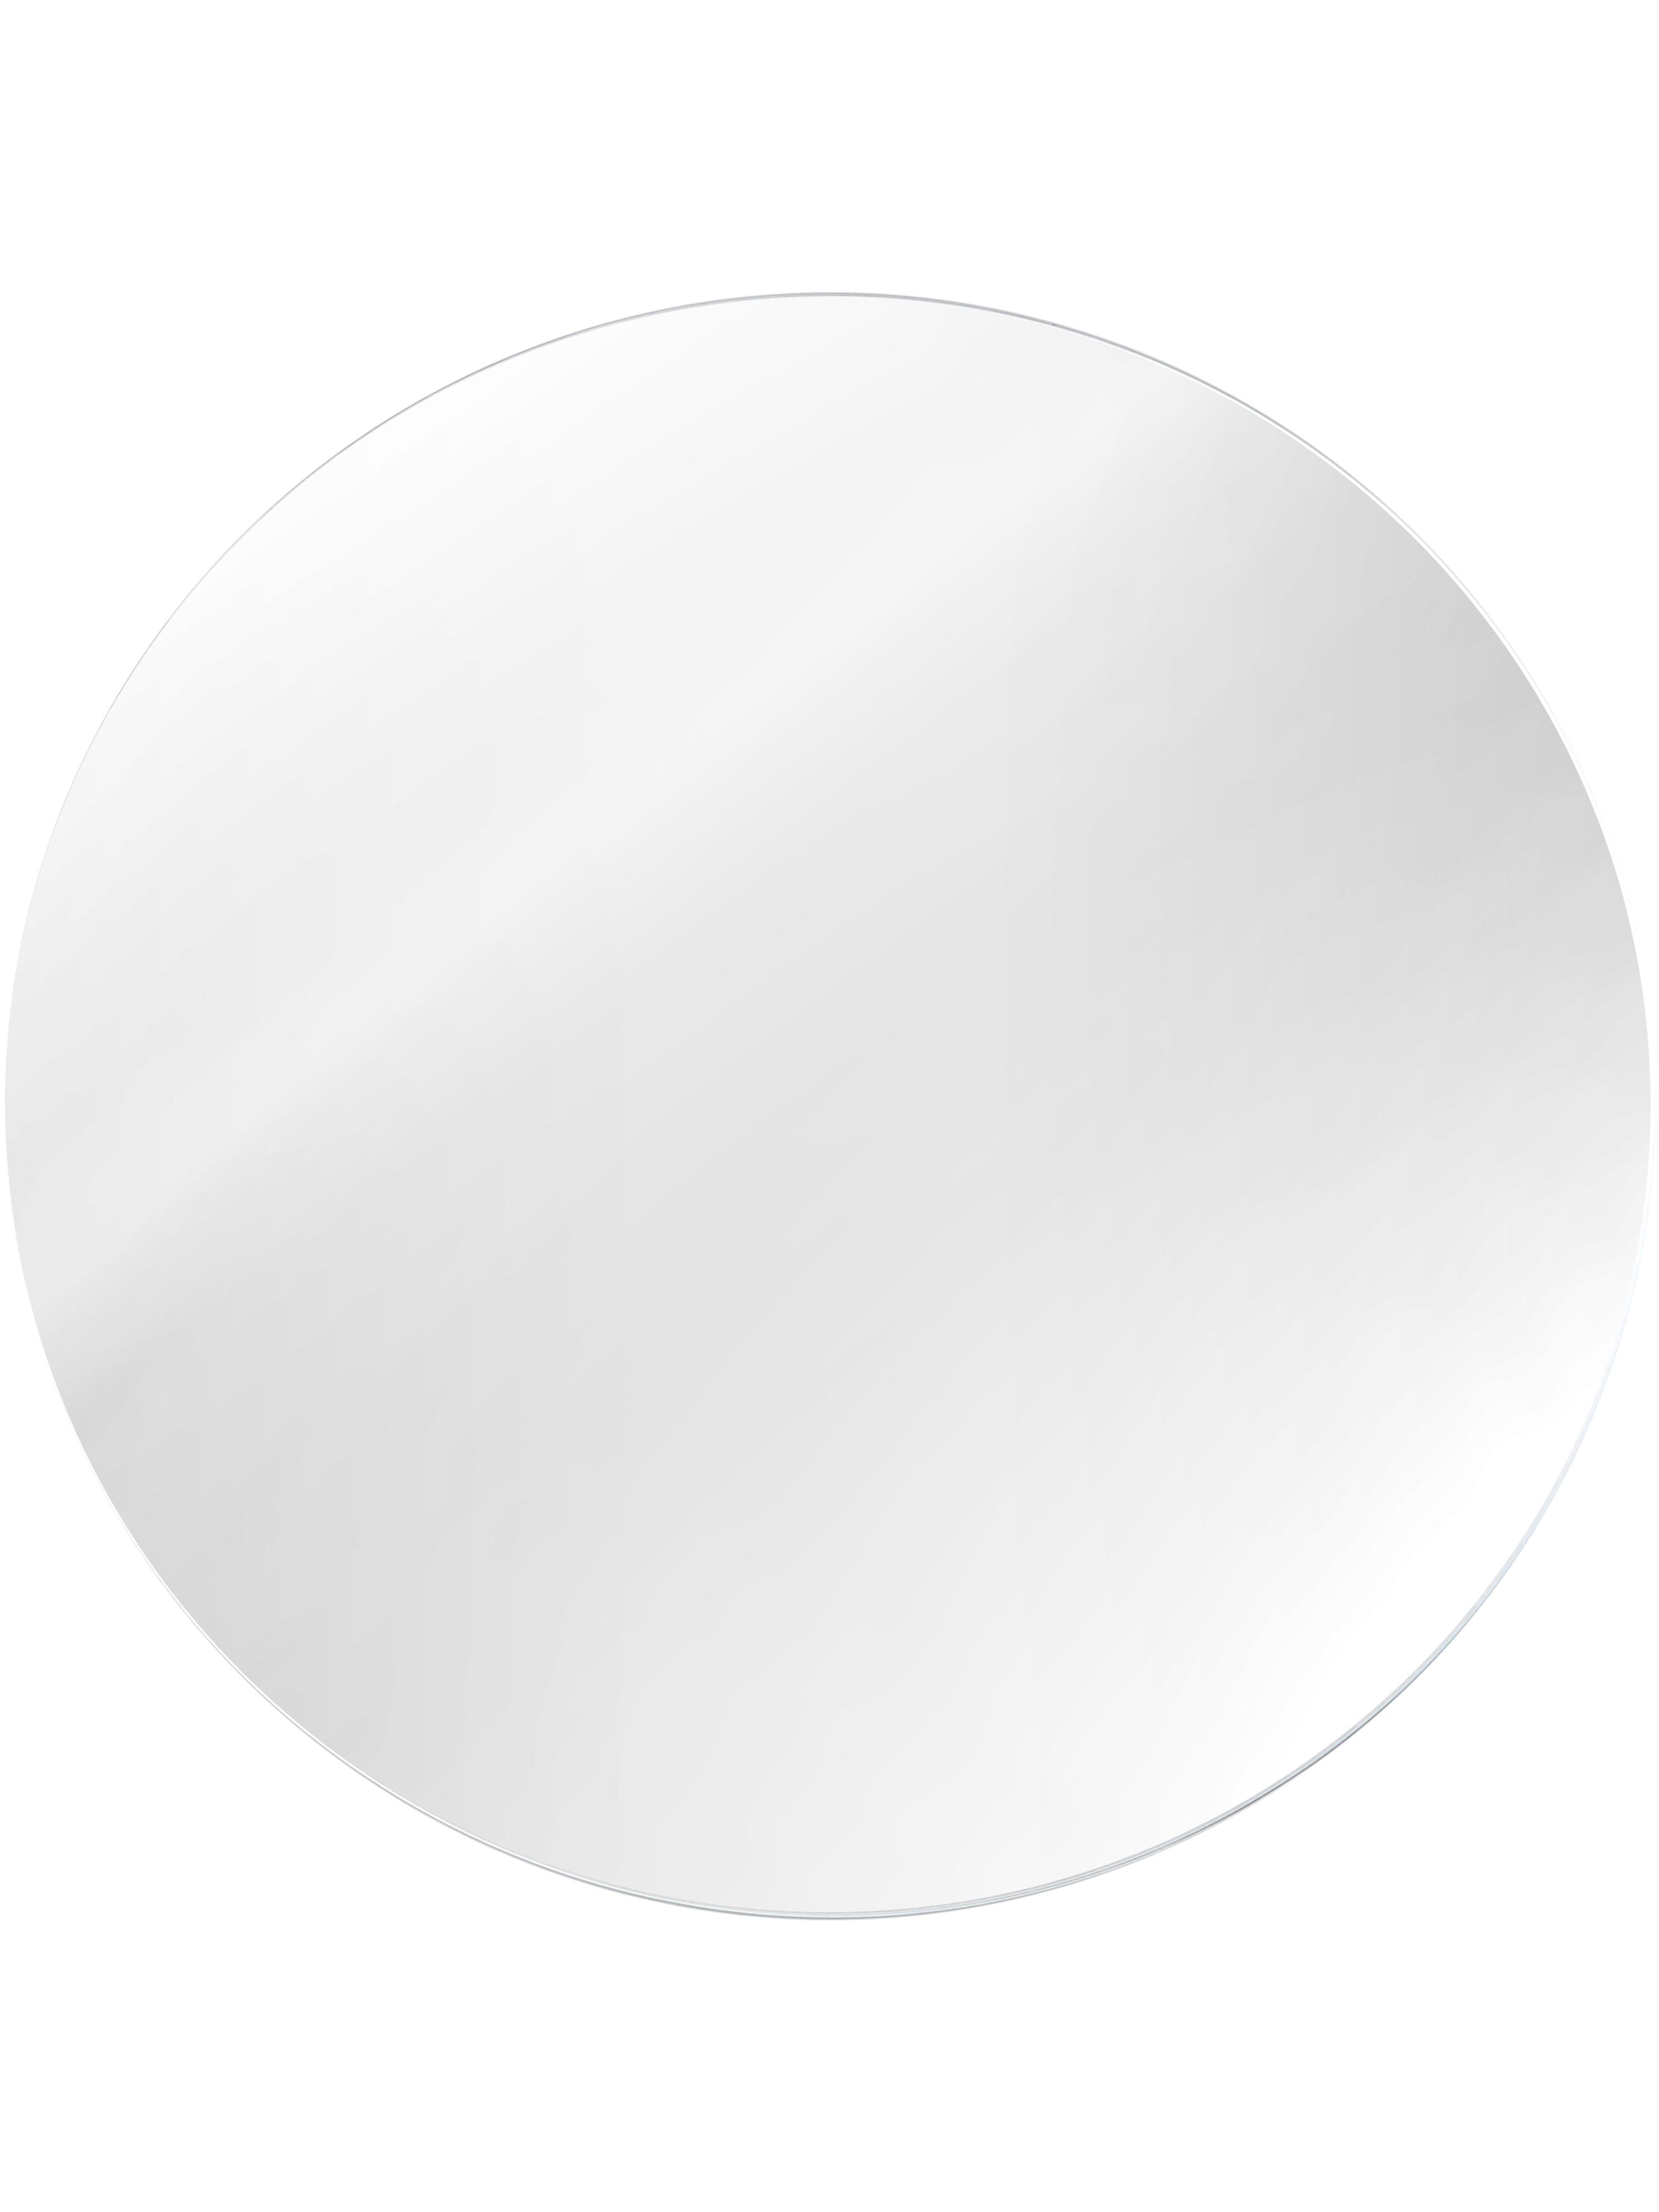 Lustro ścienne bez ramy Erin, Lustro: szkło lustrzane Zewnętrzna krawędź lustra: czarny, Ø 60 cm